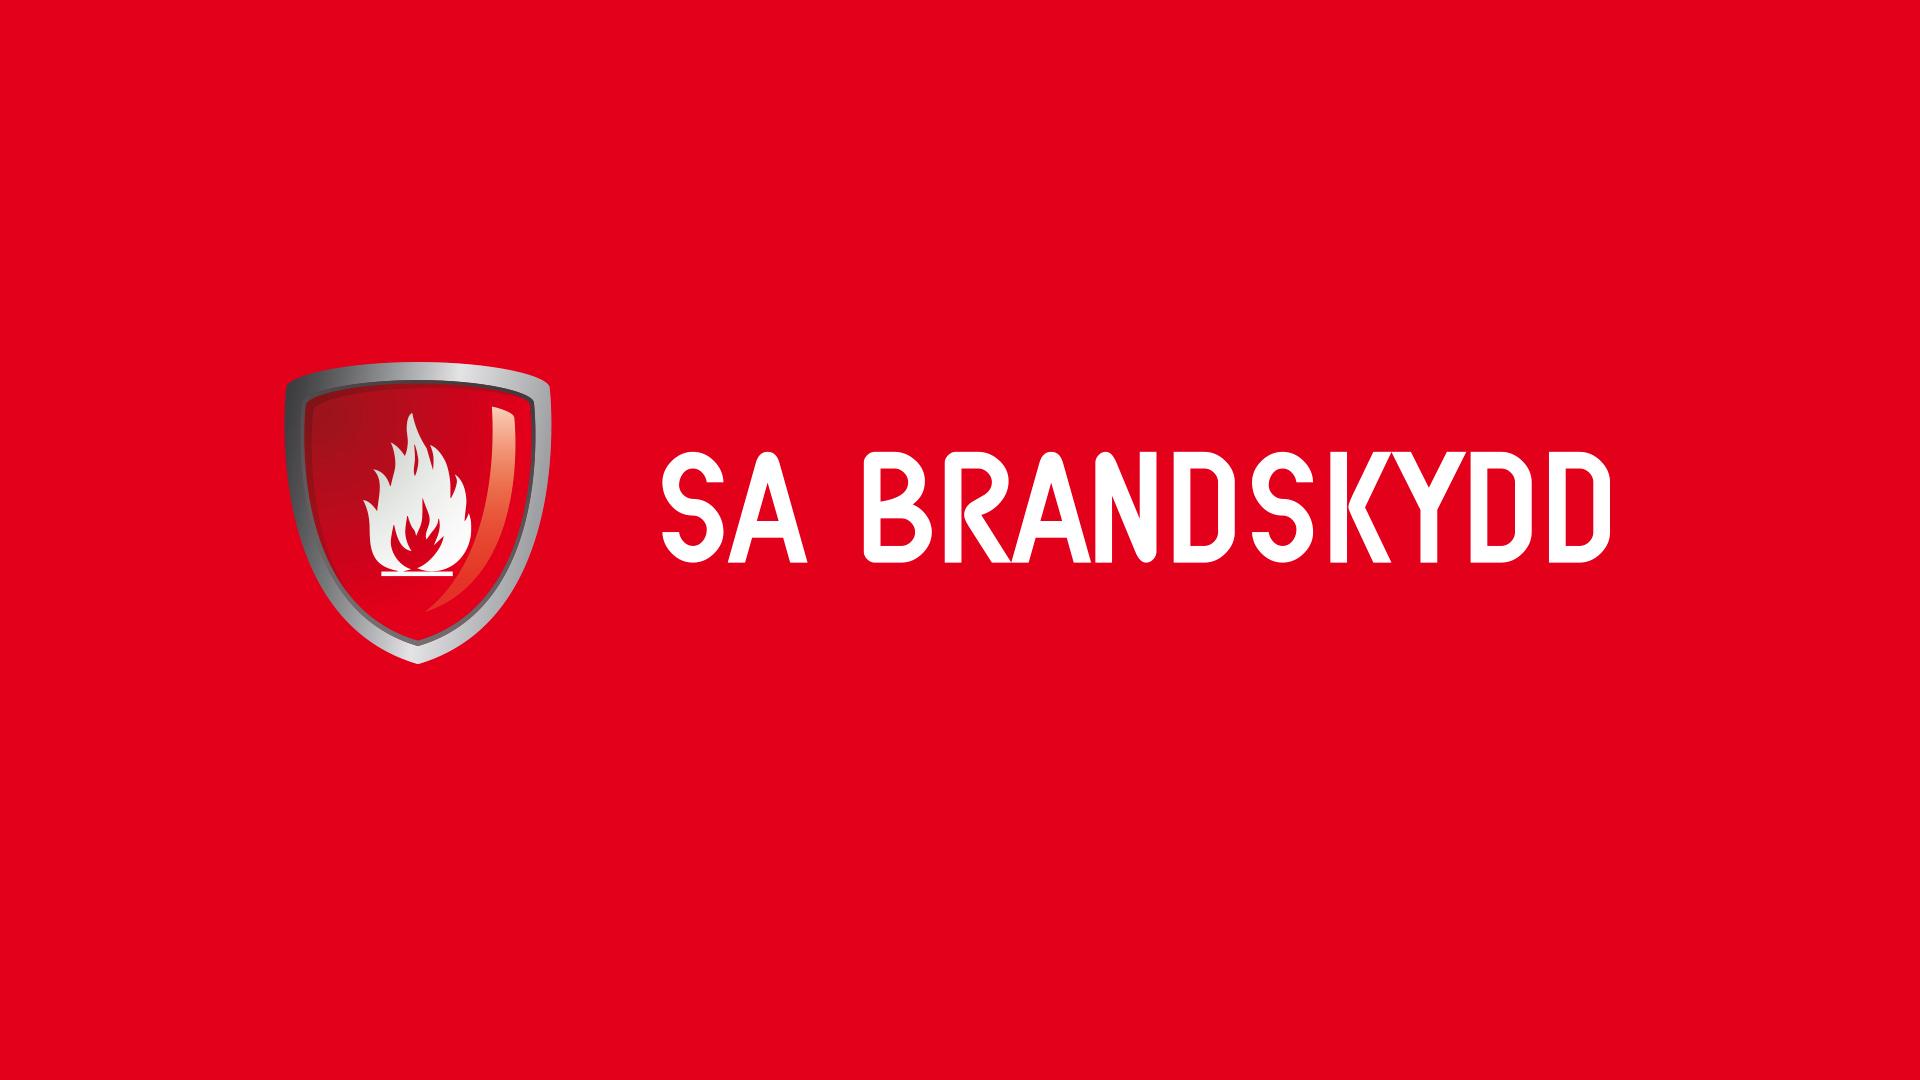 SA Brandskydd logotyp